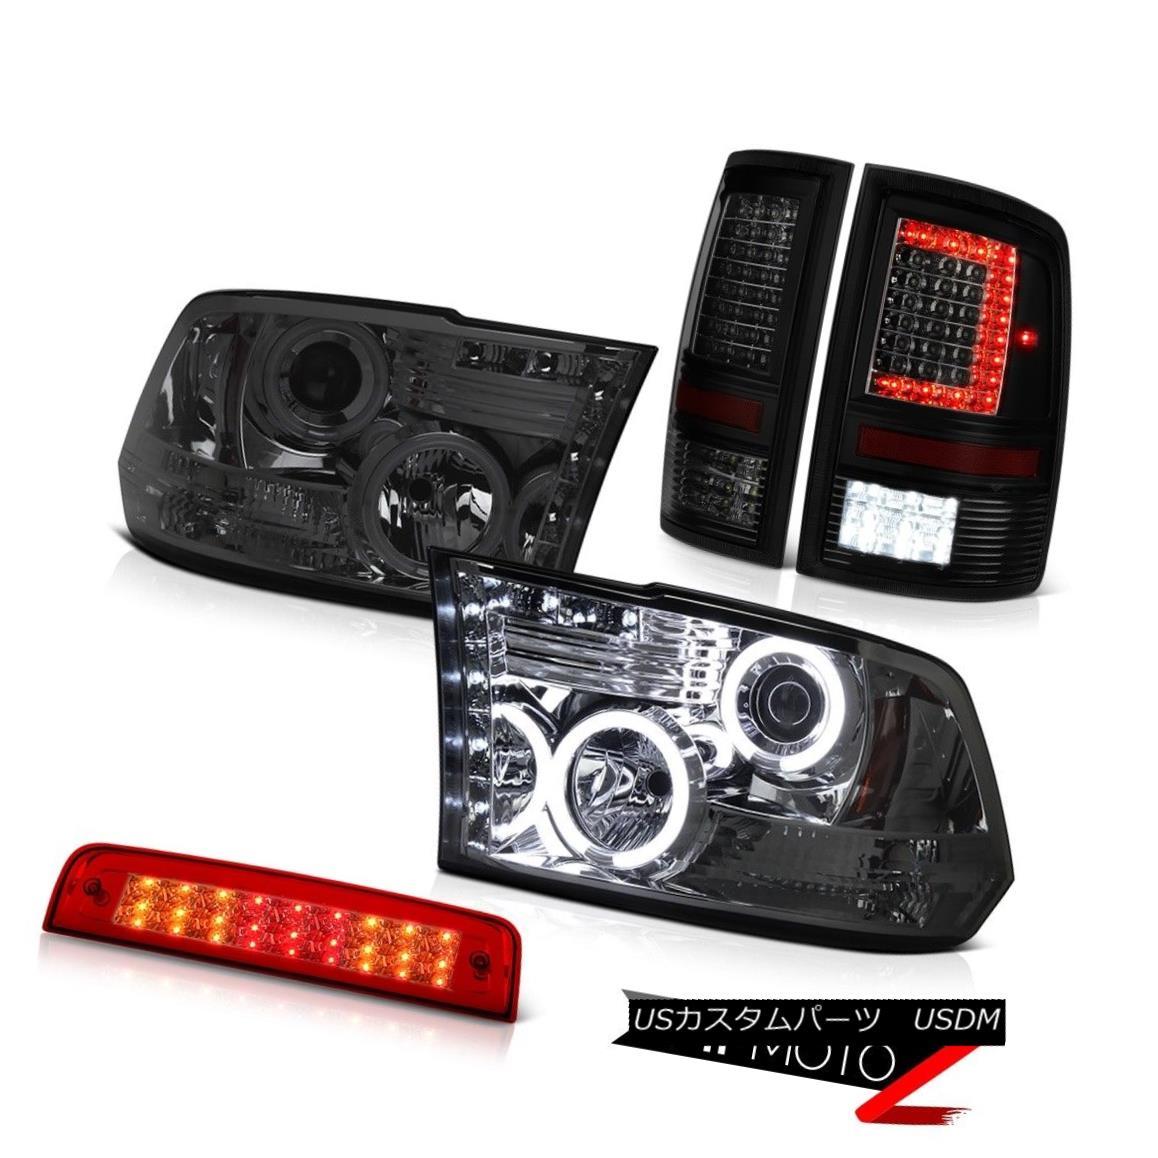 テールライト 09-14 15-18 Dodge RAM 1500 Tail Light 3rd Brake Smokey Projector Head Light SET 09-14 15-18 Dodge RAM 1500テールライト3rdブレーキスモーキープロジェクターヘッドライトSET